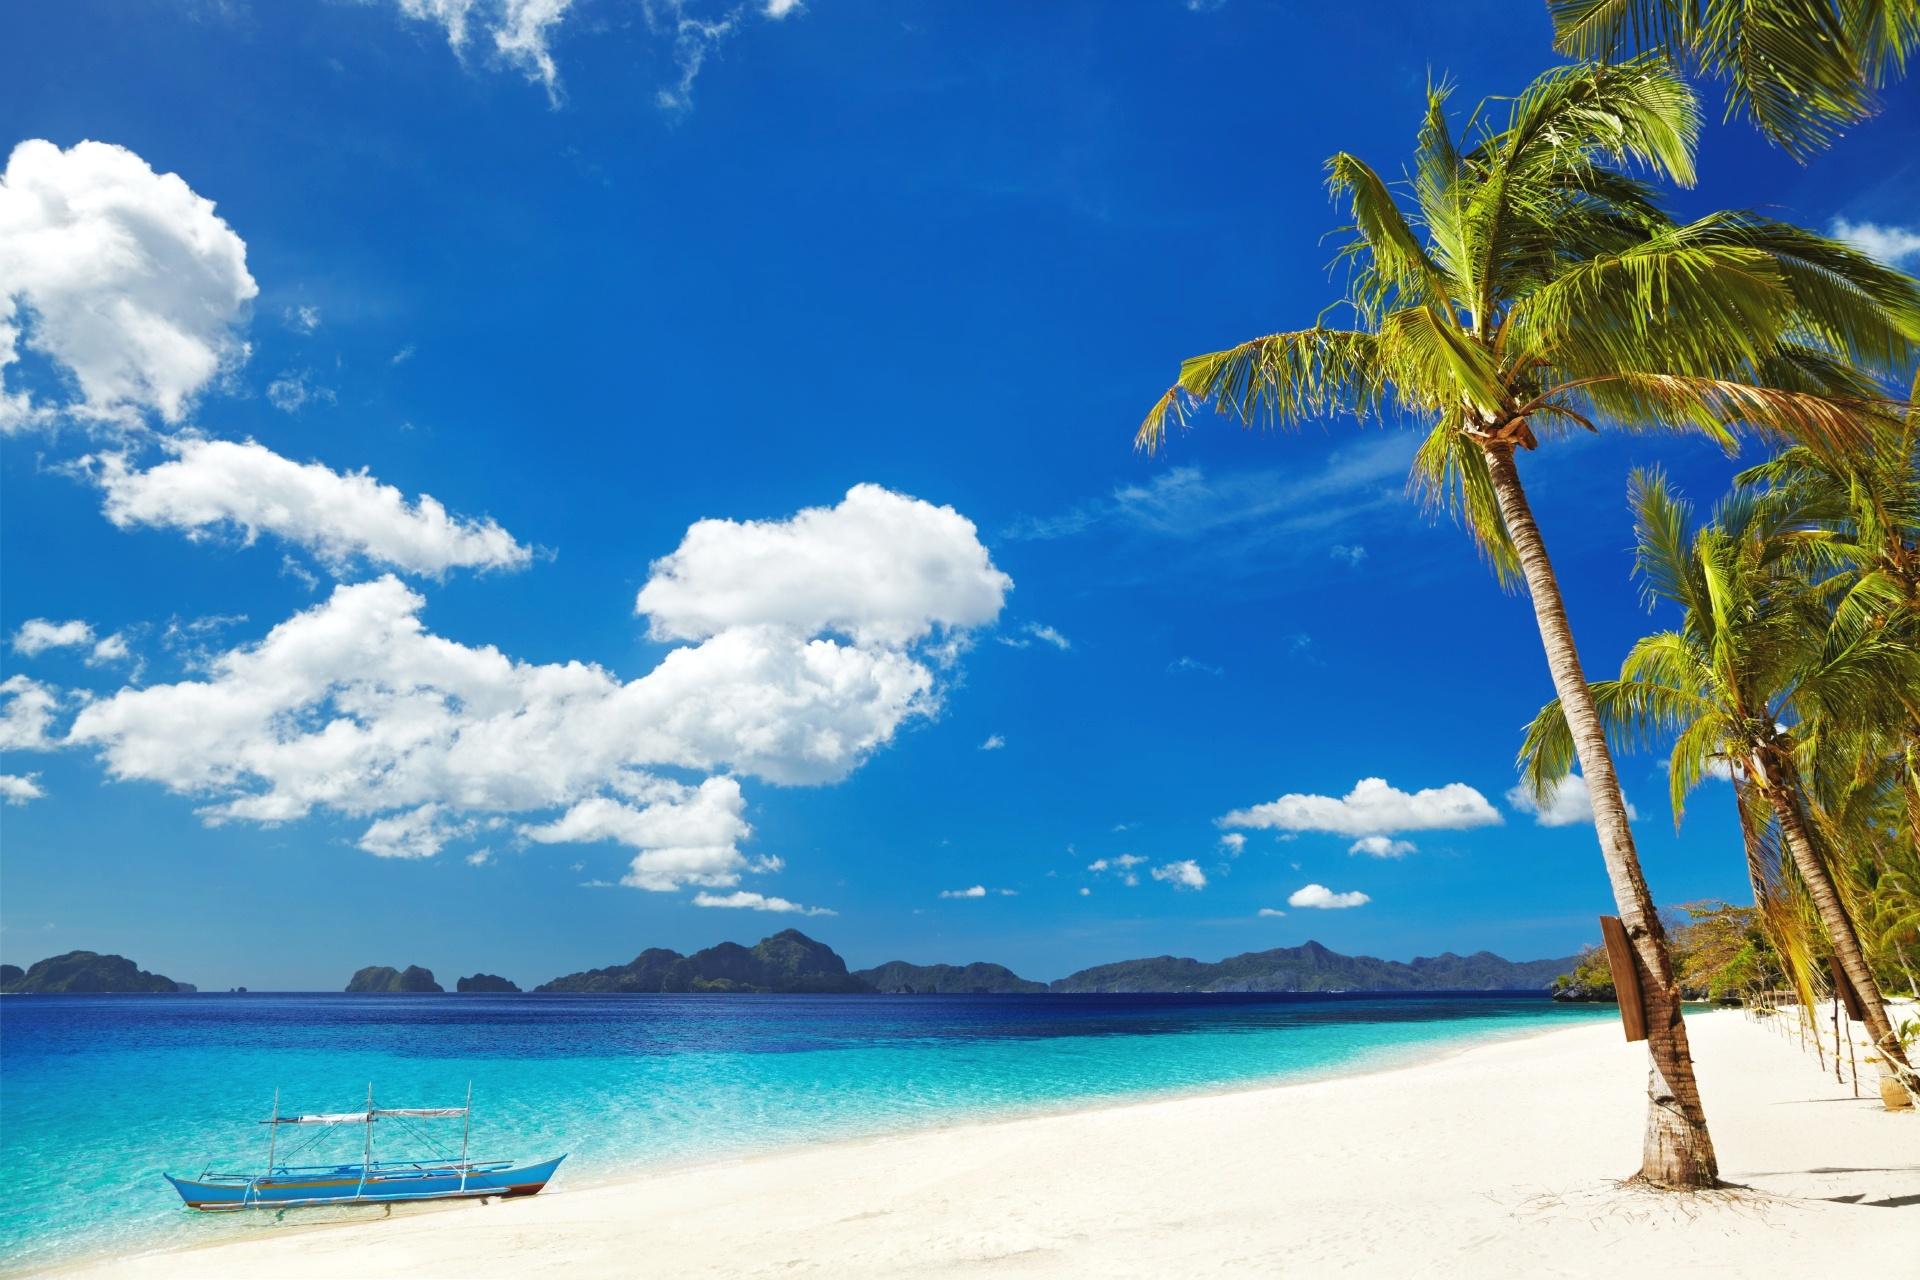 フィリピン パラワン島 最後の楽園といわれる秘境エル・ニドの風景